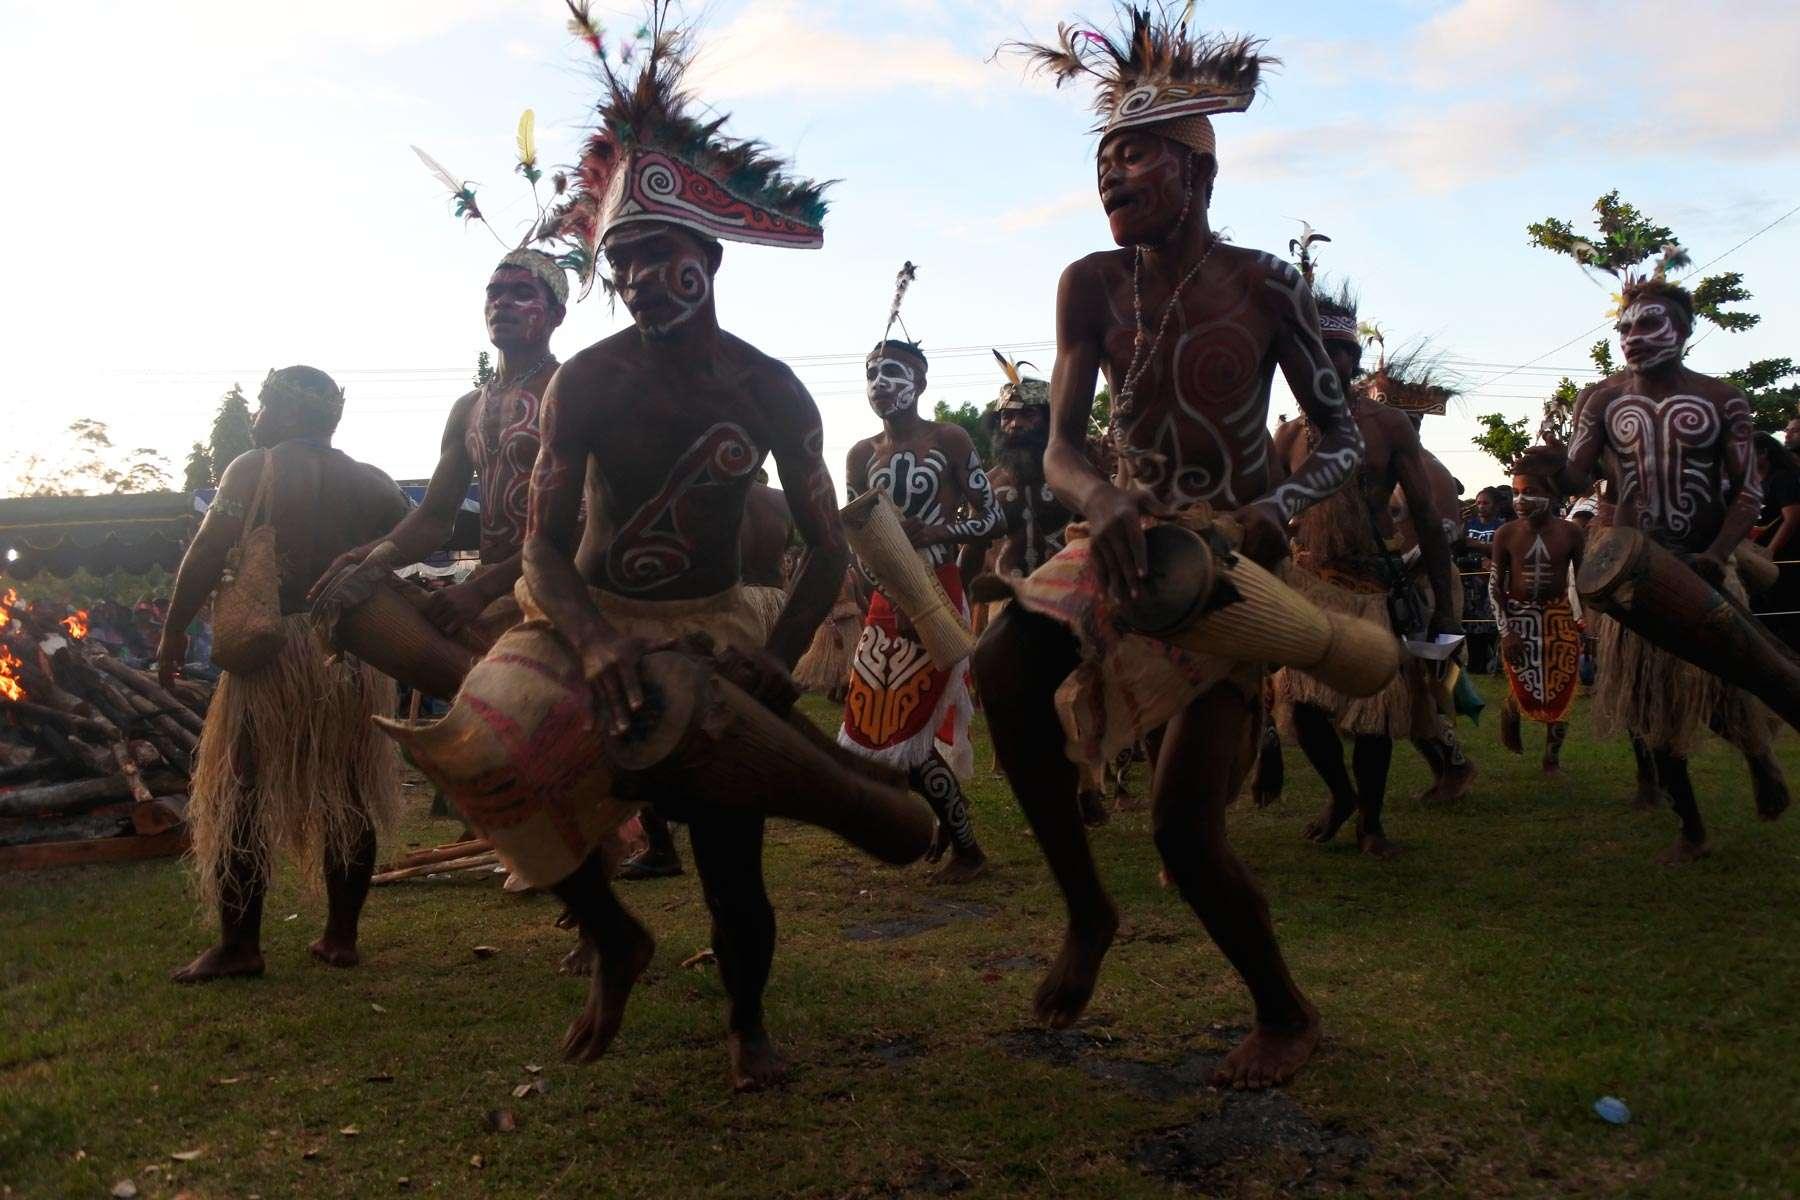 danza primitiva di guerra, Wampasi Munara Biak Papua